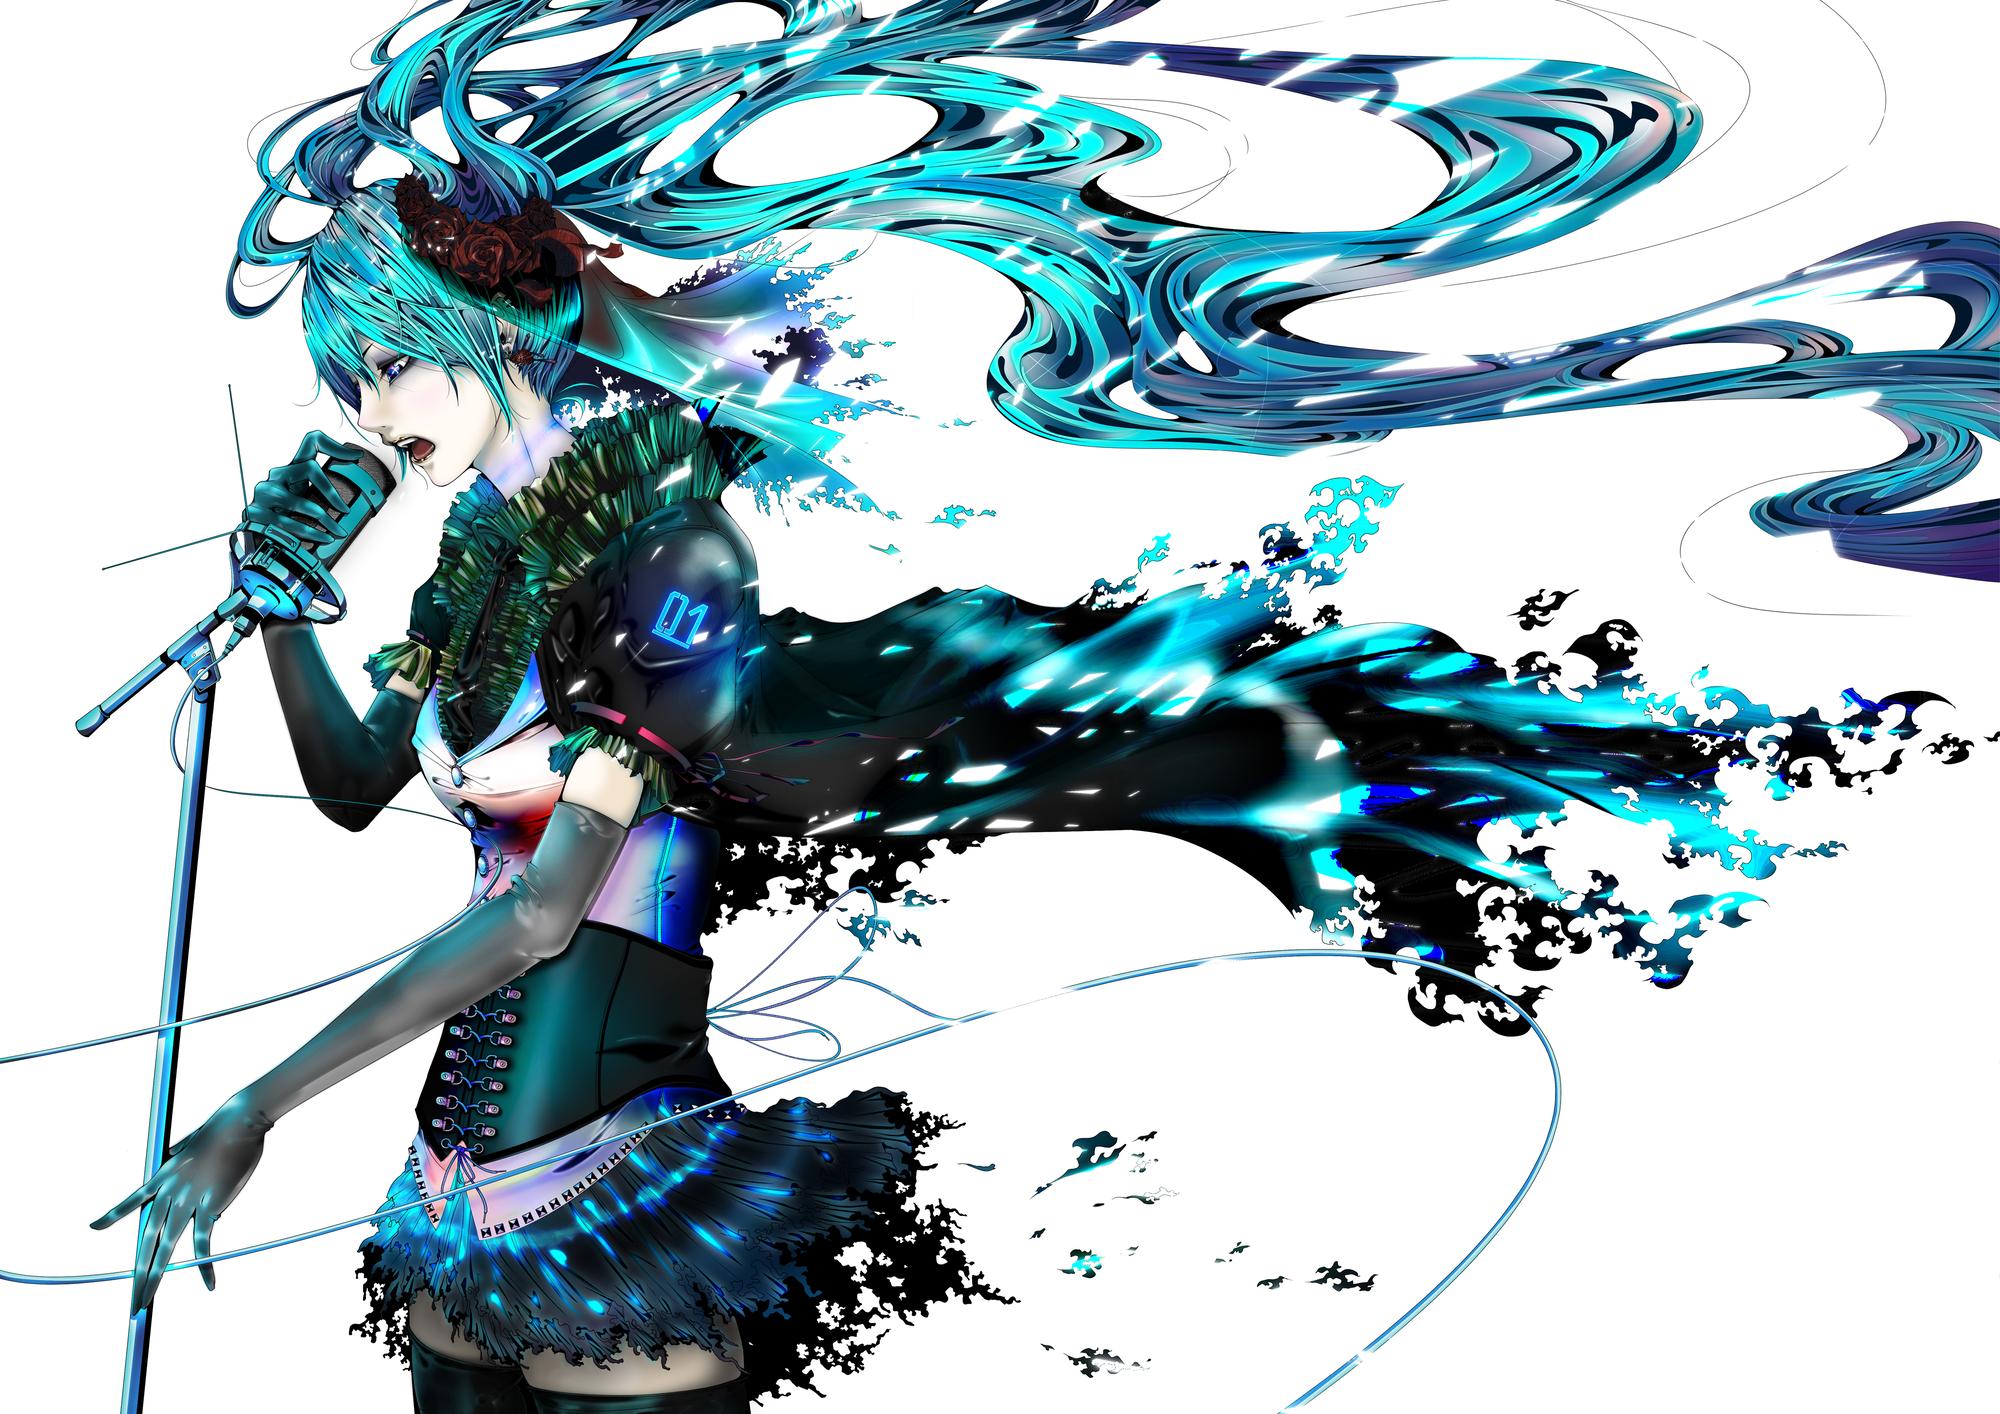 Art ID: 43248